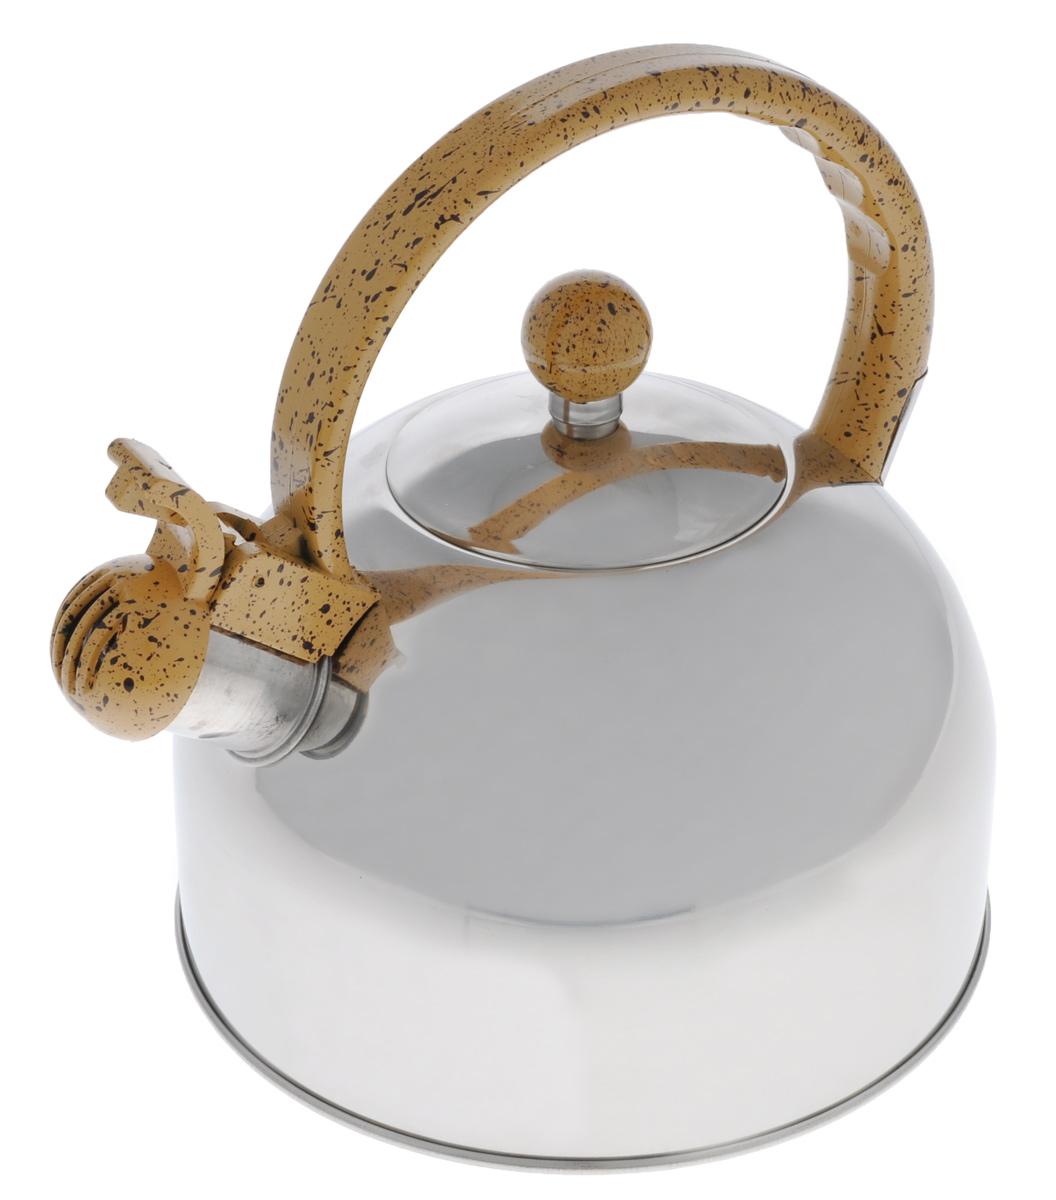 Чайник Bekker Koch, со свистком, 2,5 л. 35181125317Чайник Bekker Koch изготовлен из высококачественной нержавеющей стали. Нержавеющая сталь - материал, из которого в течение нескольких десятилетий во всем мире производятся столовые приборы, кухонные инструменты и различные аксессуары. Этот материал обладает высокой стойкостью к коррозии и кислотам. Прочность, долговечность и надежность этого материала, а также первоклассная обработка обеспечивают практически неограниченный запас прочности и неизменно привлекательный внешний вид. Капсулированное дно позволяет изделию быстро нагреваться и дольше сохранять тепло. Чайник оснащен фиксированной пластиковой ручкой, что предотвращает появление ожогов и обеспечивает безопасность использования. Носик чайника имеет откидной свисток, который подскажет, когда вода закипела. Подходит для газовых, электрических и стеклокерамических плит. Не подходит для индукционных плит. Можно мыть в посудомоечной машине.Высота чайника (без учета ручки и крышки): 13,5 см.Высота чайника (с учетом ручки): 21,5 см.Диаметр чайника (по верхнему краю): 8,6 см.Толщина стенки: 0,33 мм.Толщина дна: 1 мм.